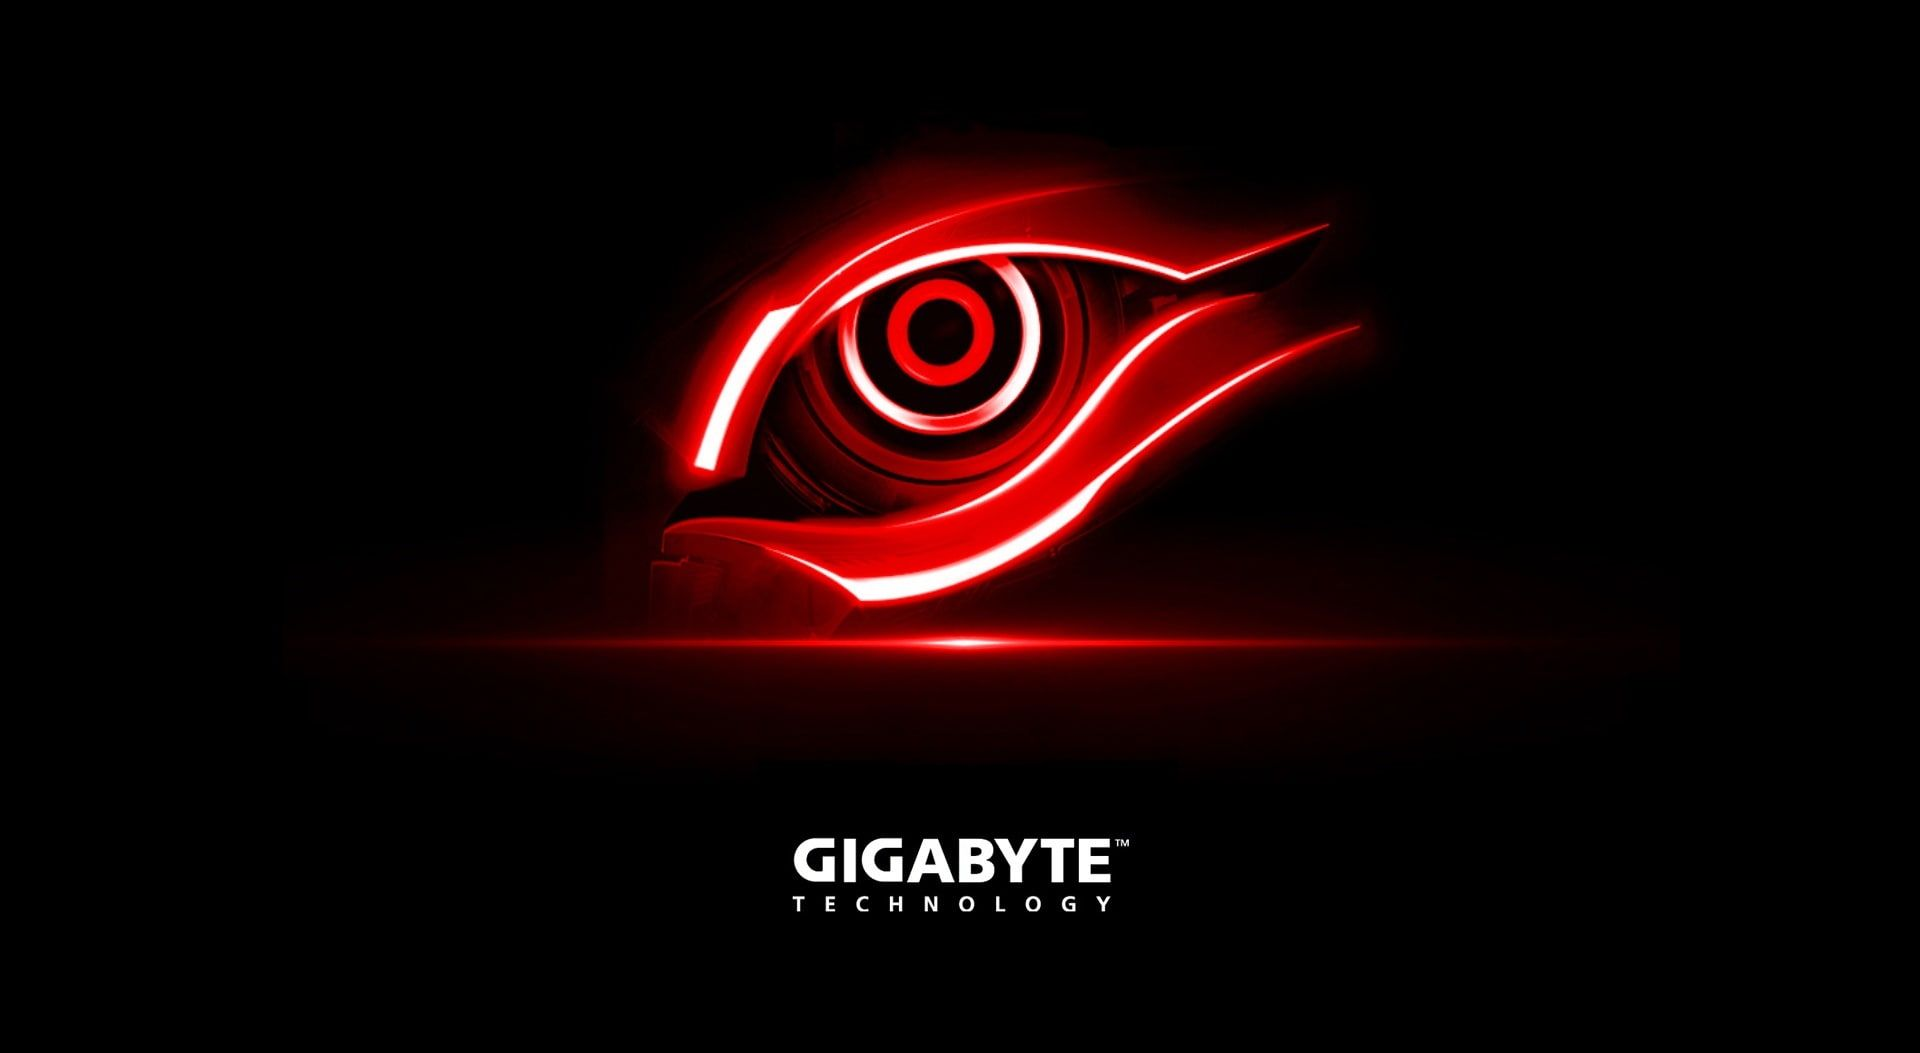 Gigabyte Red Eye Gigabyte Technology Wallpaper Computers Hardware Gigabyte Logo Eye Red Icon Eye Wallpaper Technology Wallpaper Android Phone Wallpaper